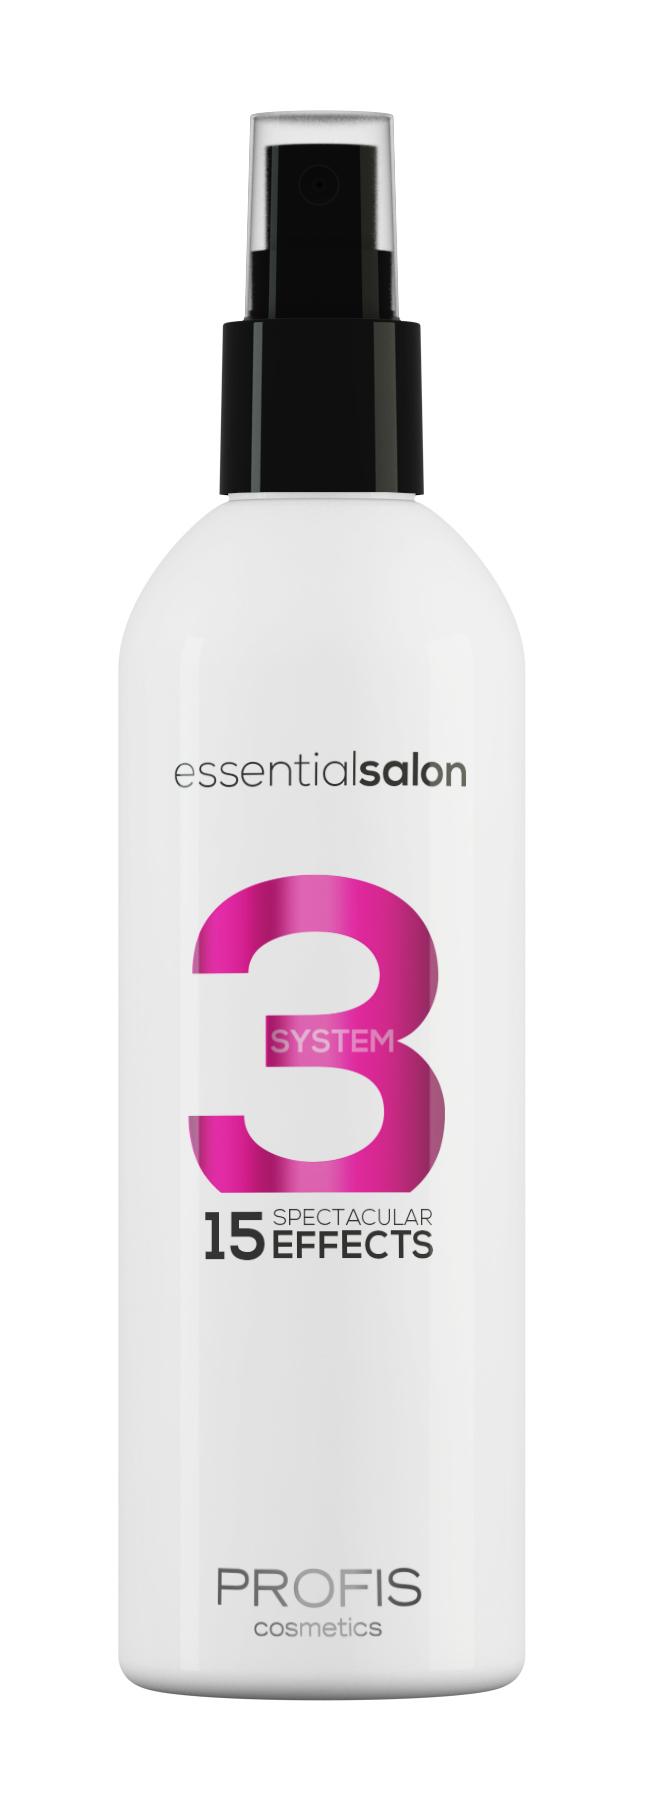 Многофункциональный спрей-кондиционер 15 в 1 (3SYSTEM)